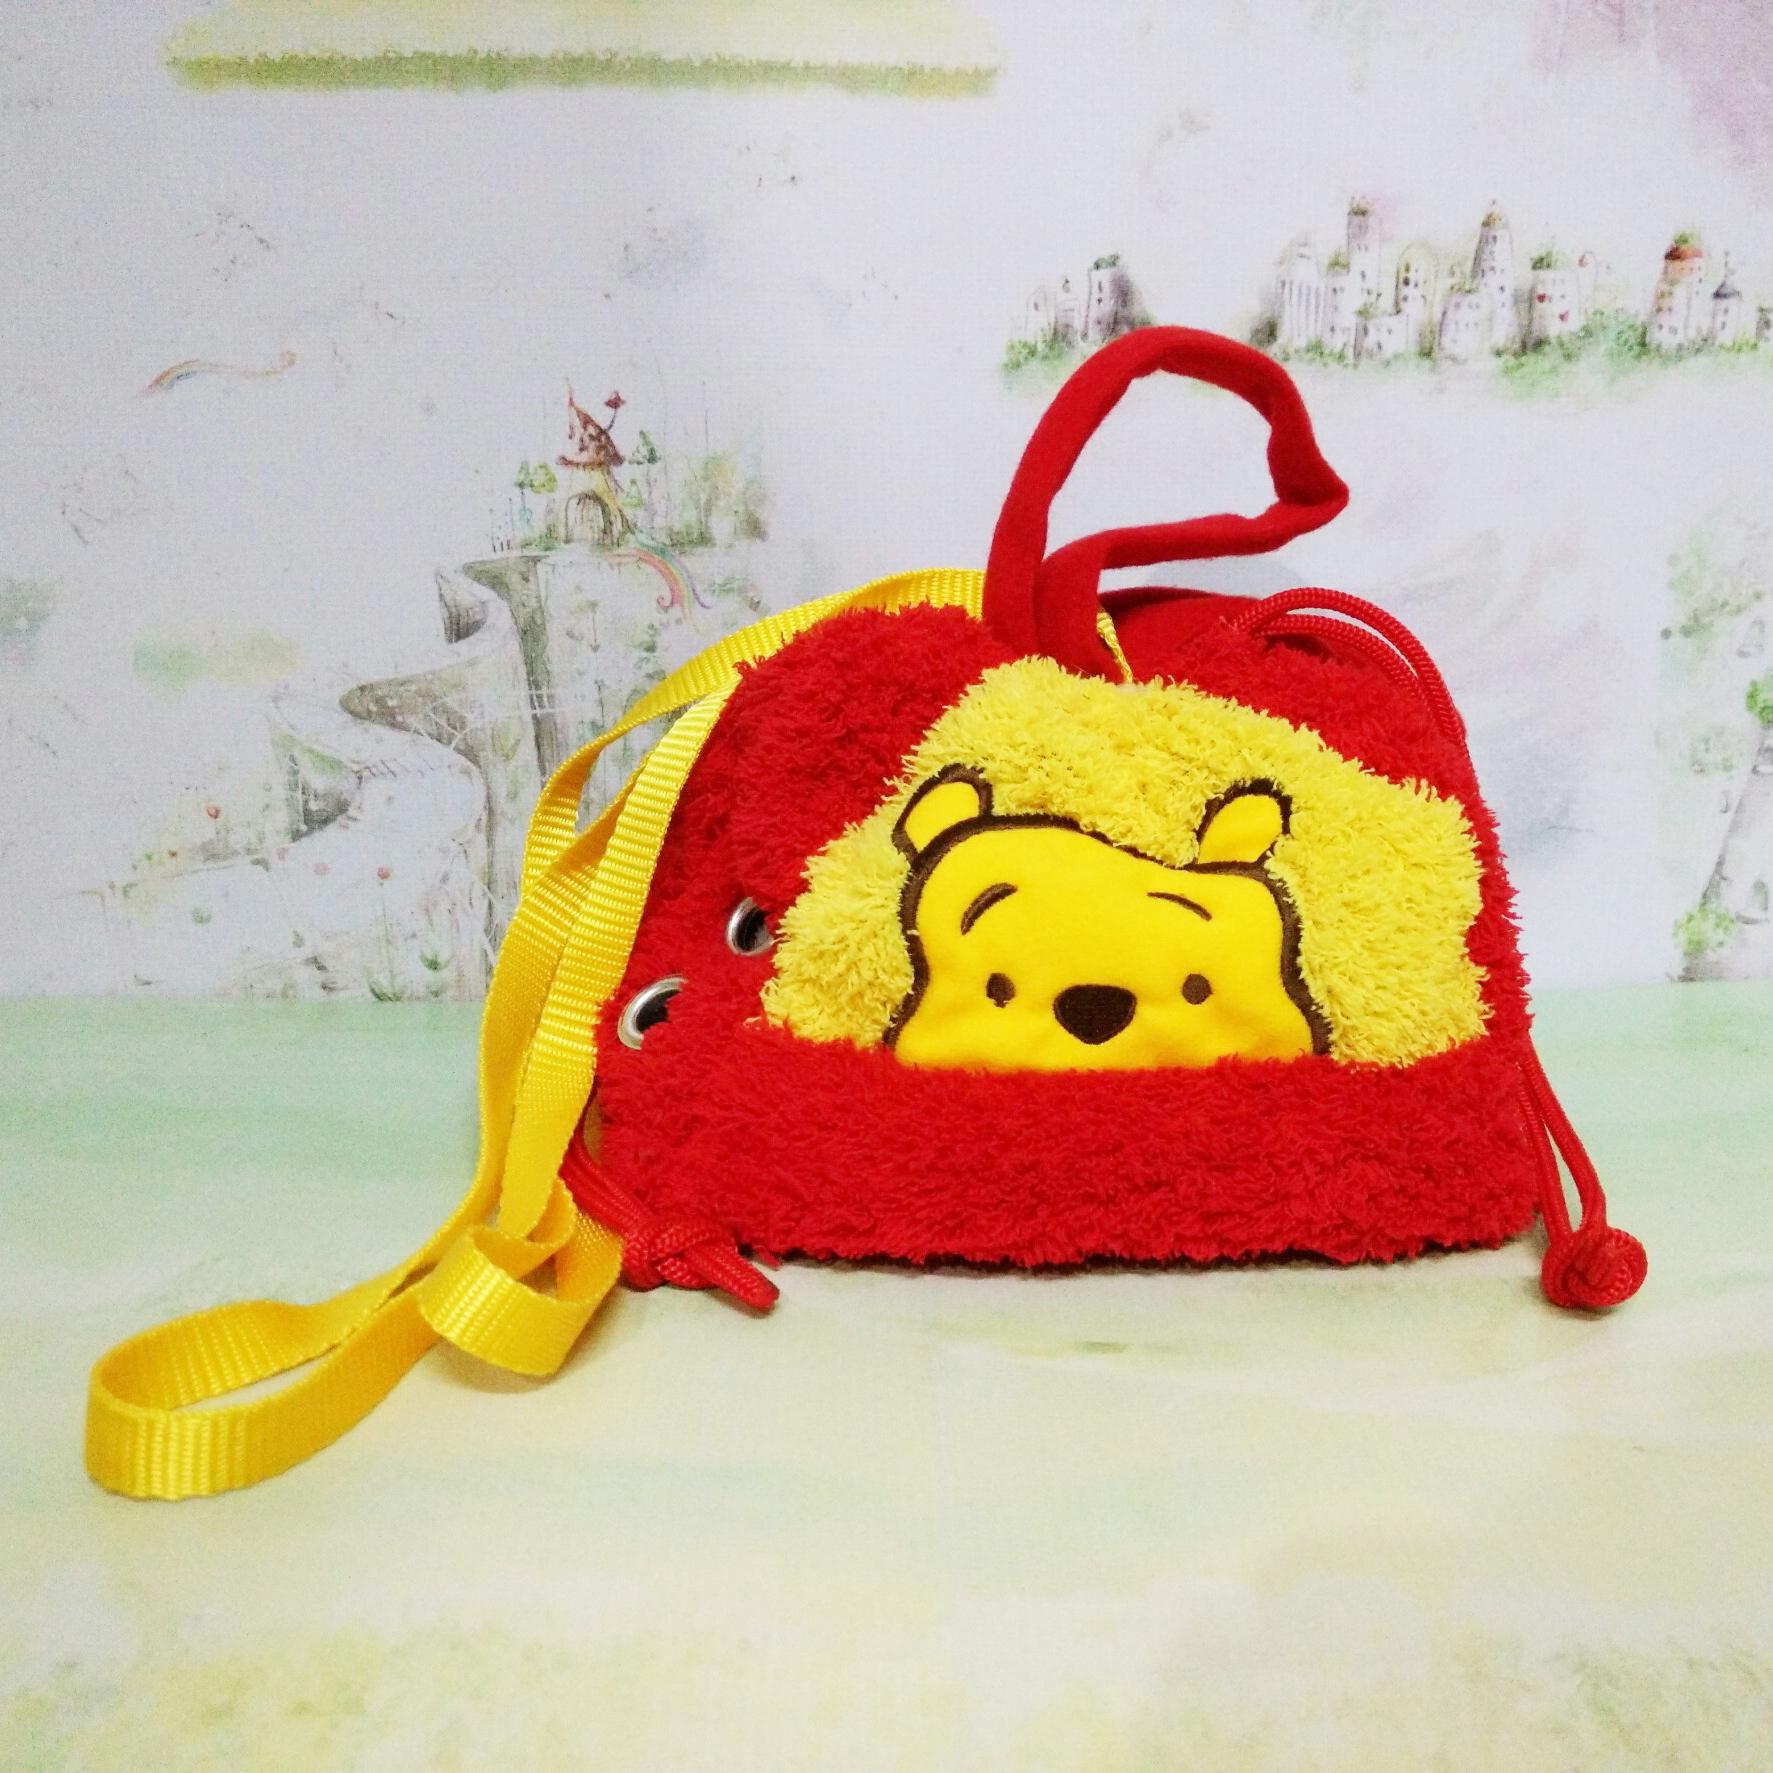 ถุงผ้าการ์ตูน หมีพูห์ แดง